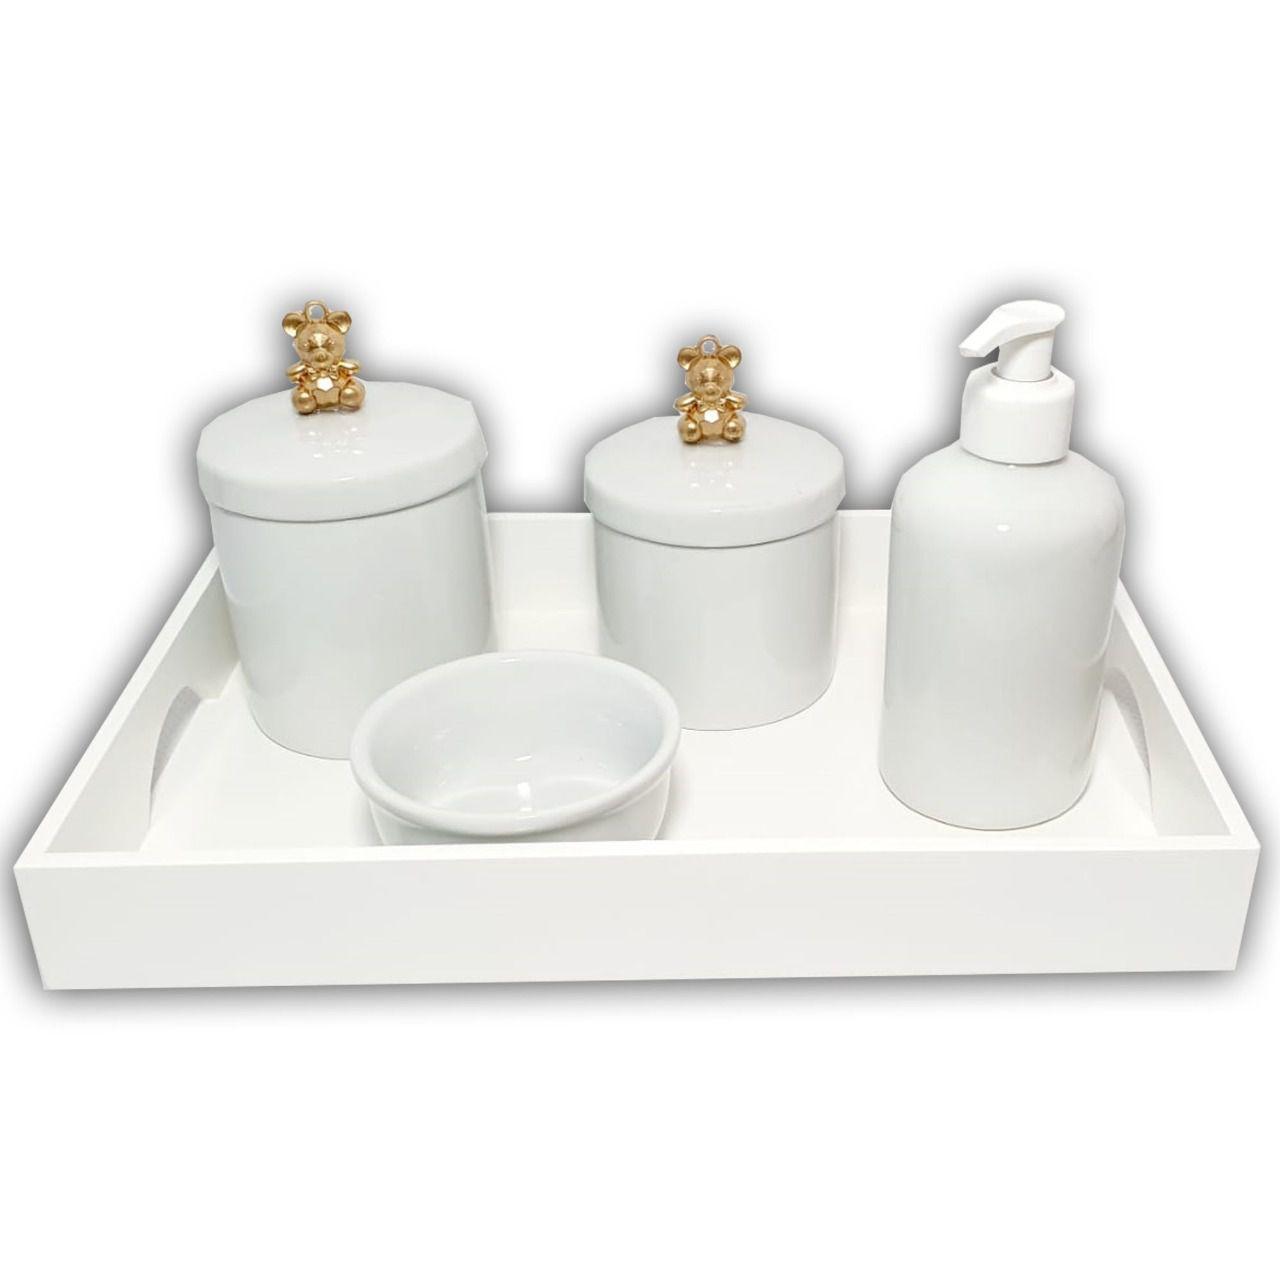 Kit Higiene Porcelana Urso Dourado  Bandeja 3 Potes Álcool-gel + Decoração Quarto De Bebê Infantil